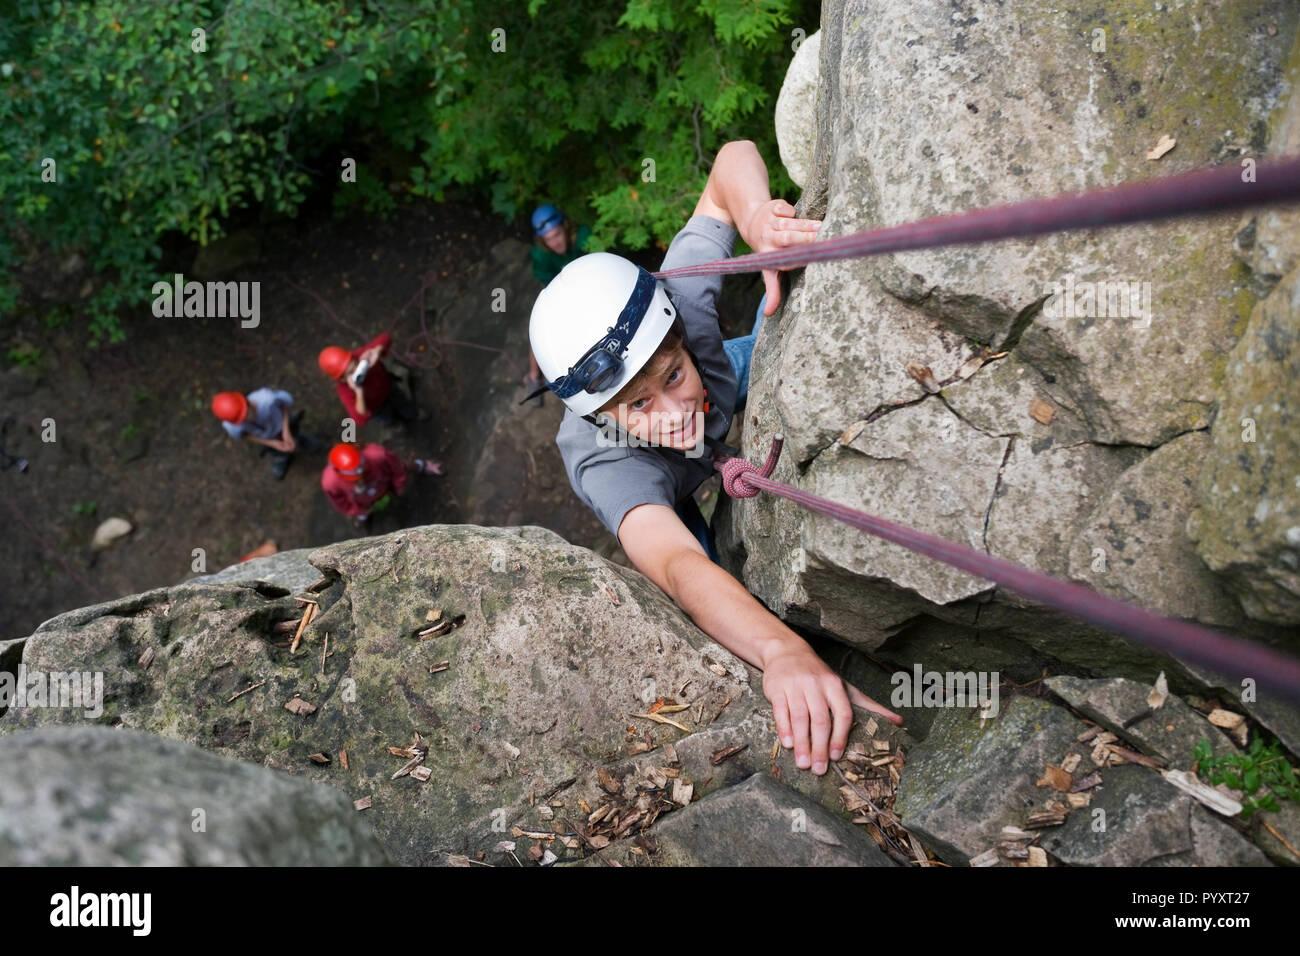 Kletterausrüstung In Der Nähe : Die kletterausrüstung stockfotos bilder